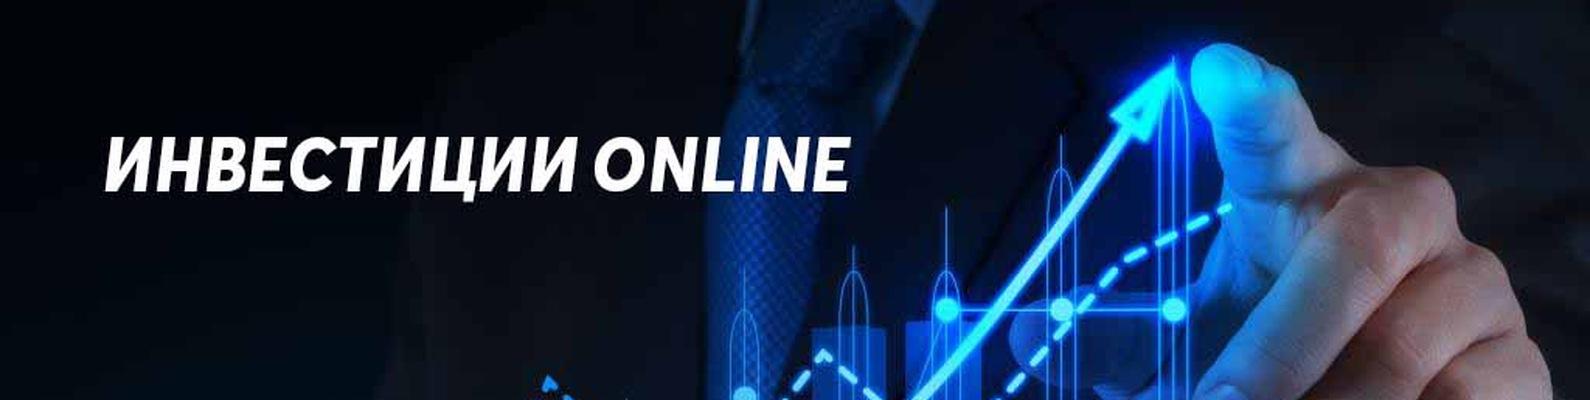 Инвестиции онлайн